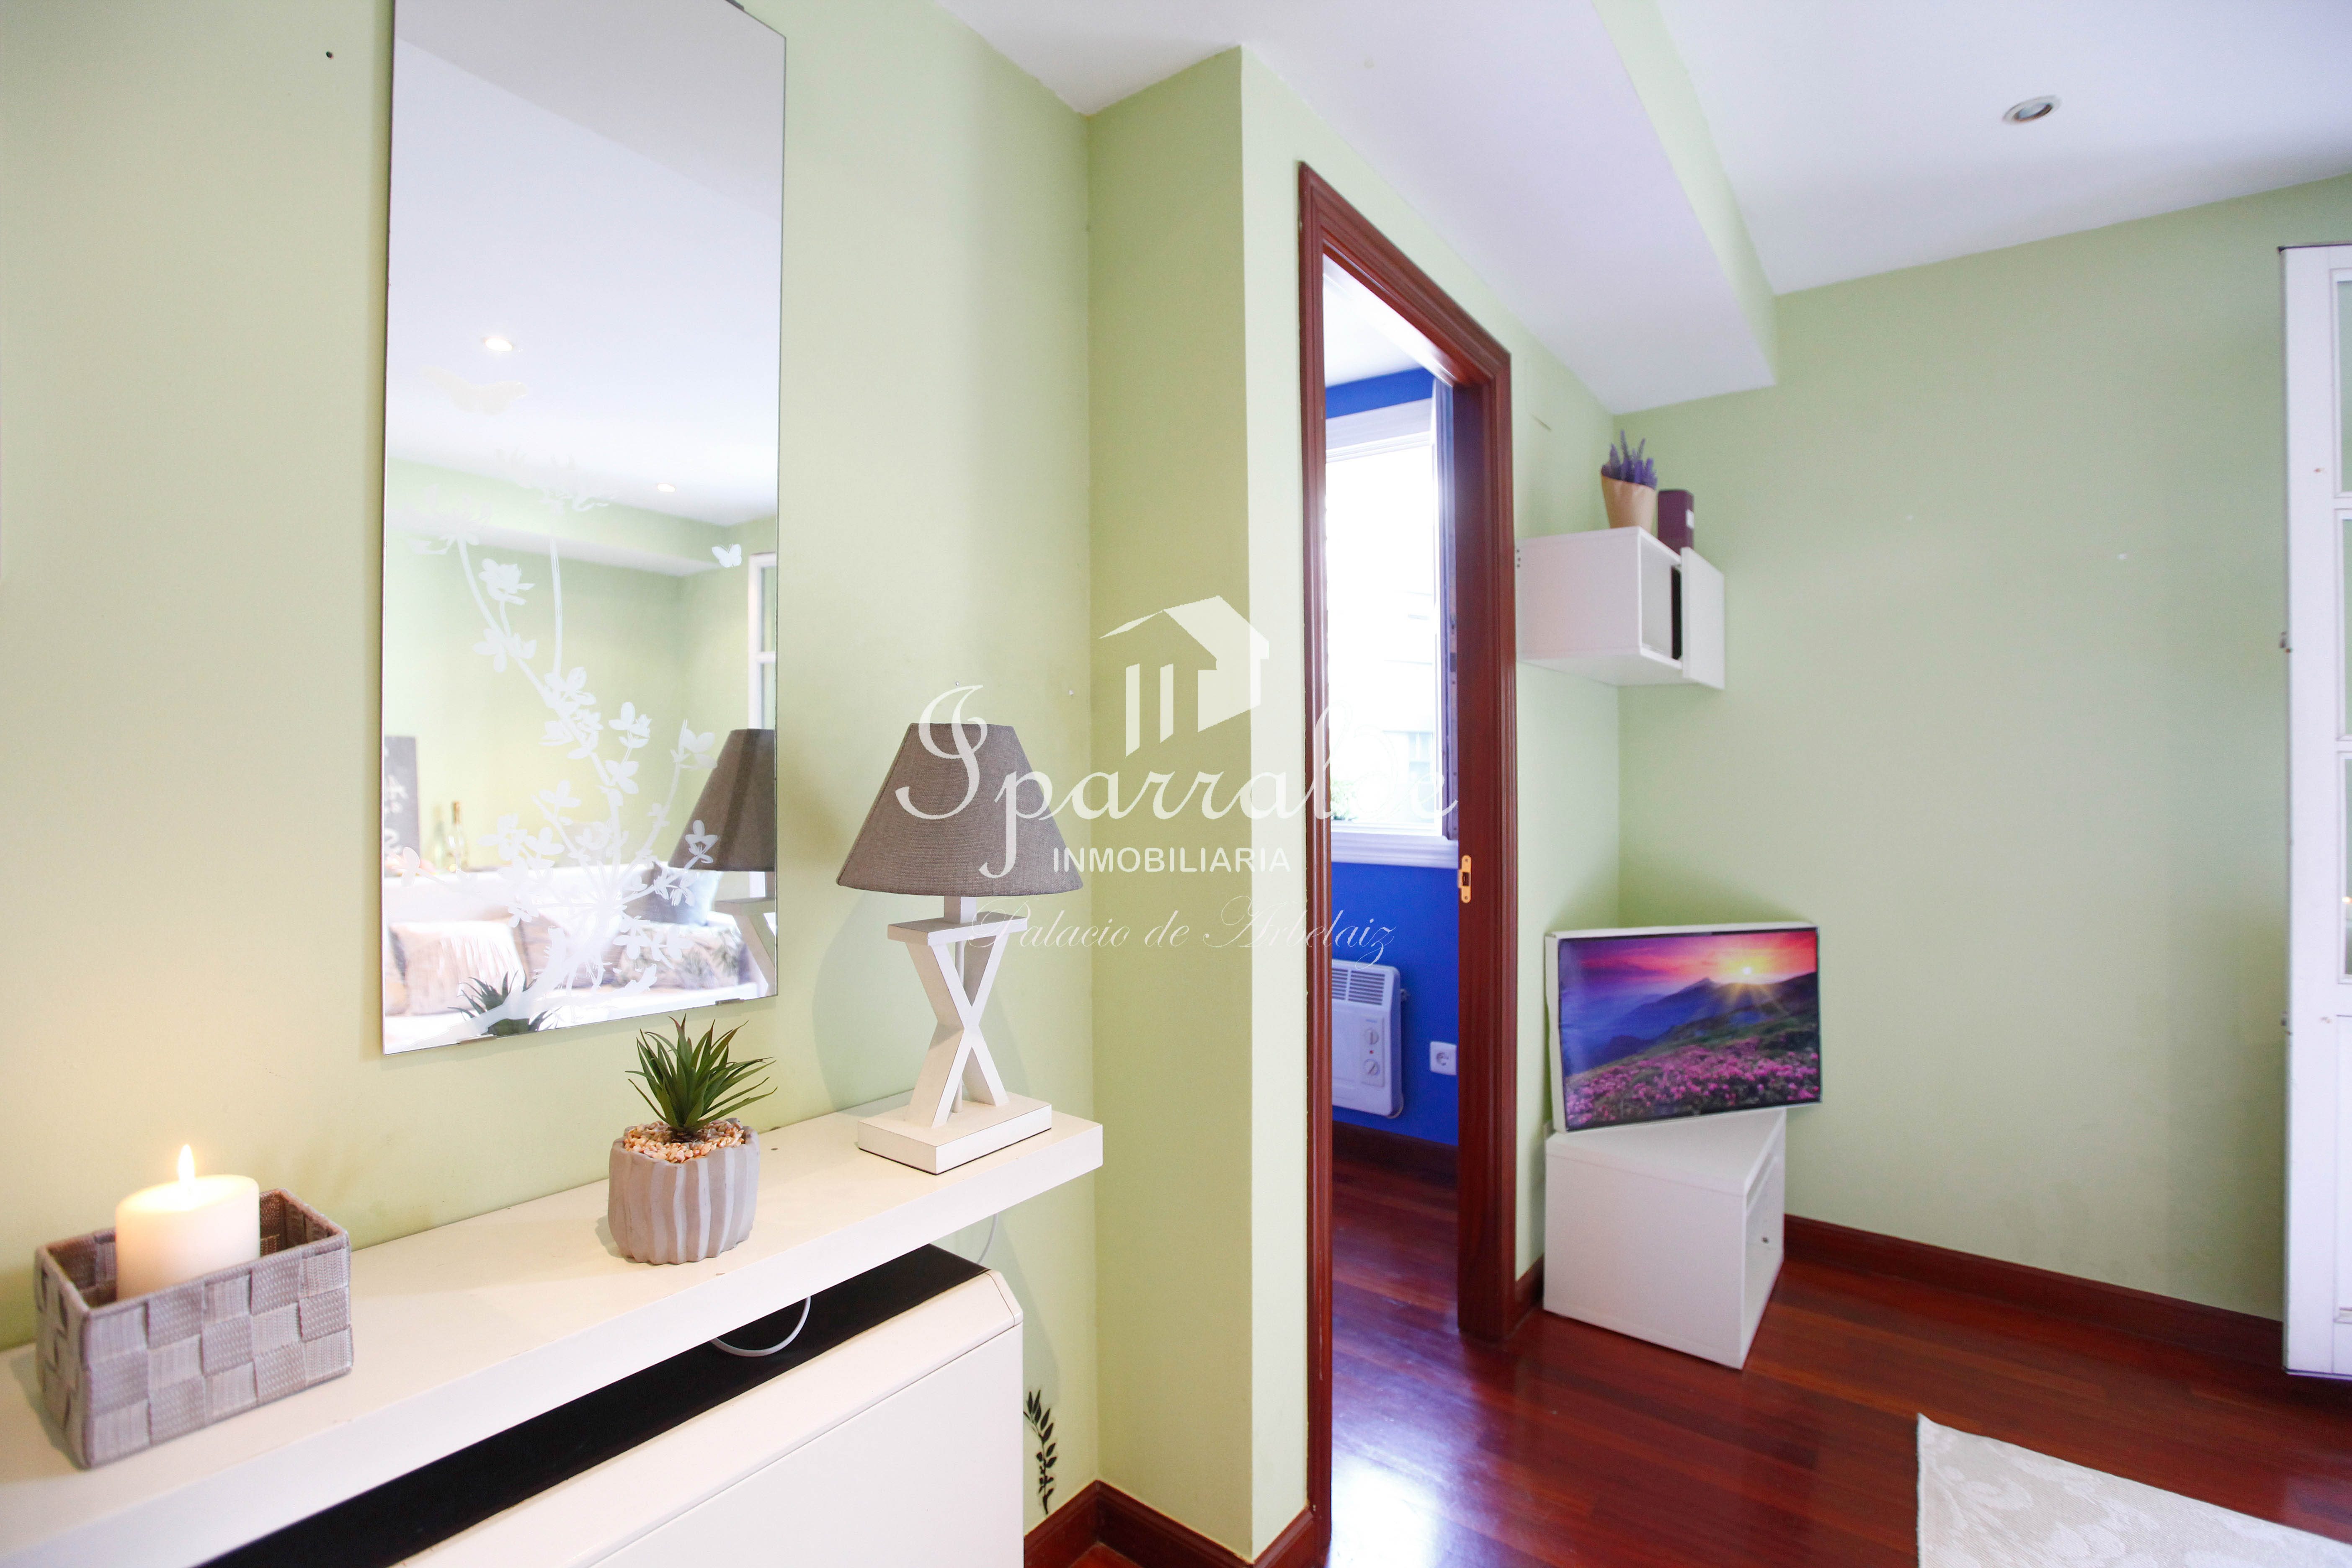 Bonito y céntrico piso de dos habitaciones en pleno centro ,al lado de la Plaza San Juan de Irún. Orientación sur. Ascensor